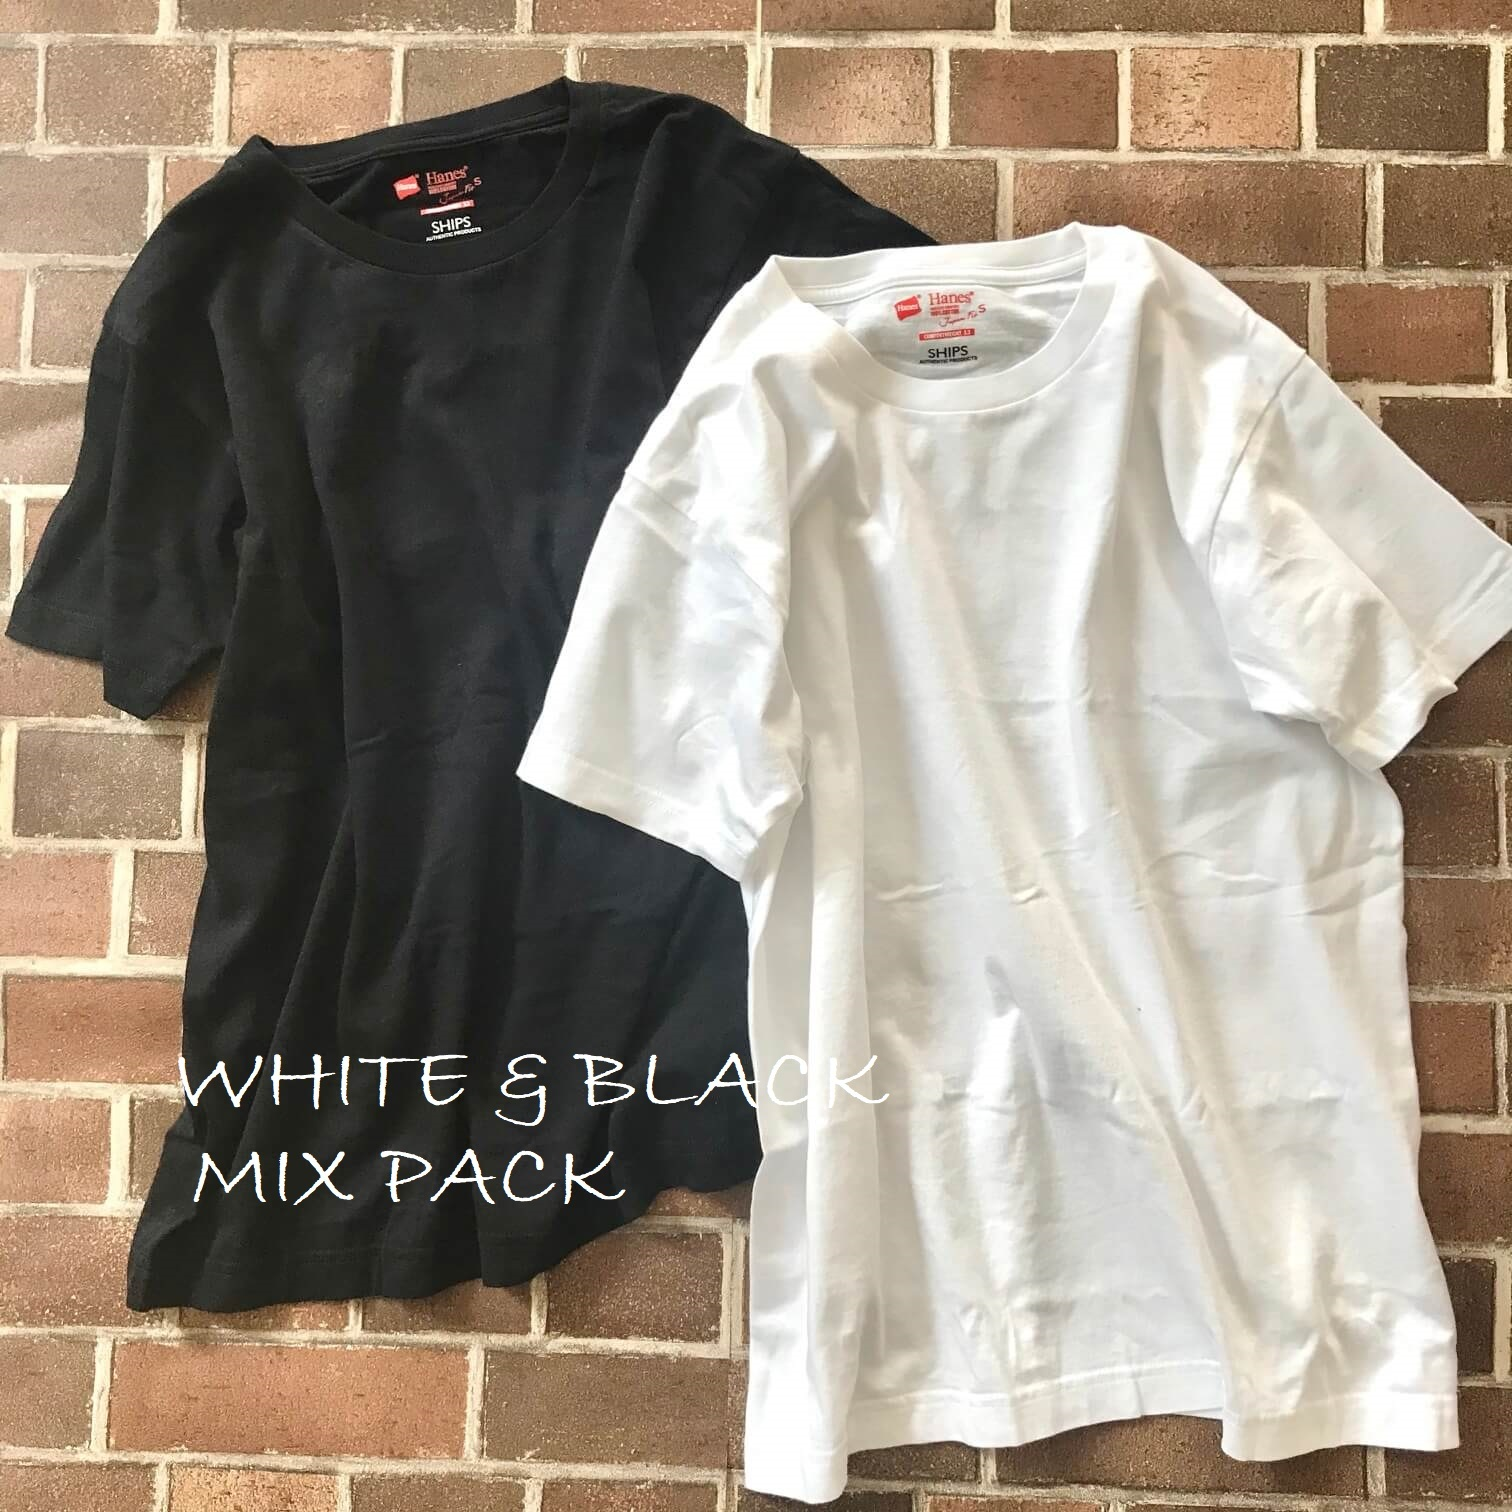 ヘインズのTシャツ2枚並列画像